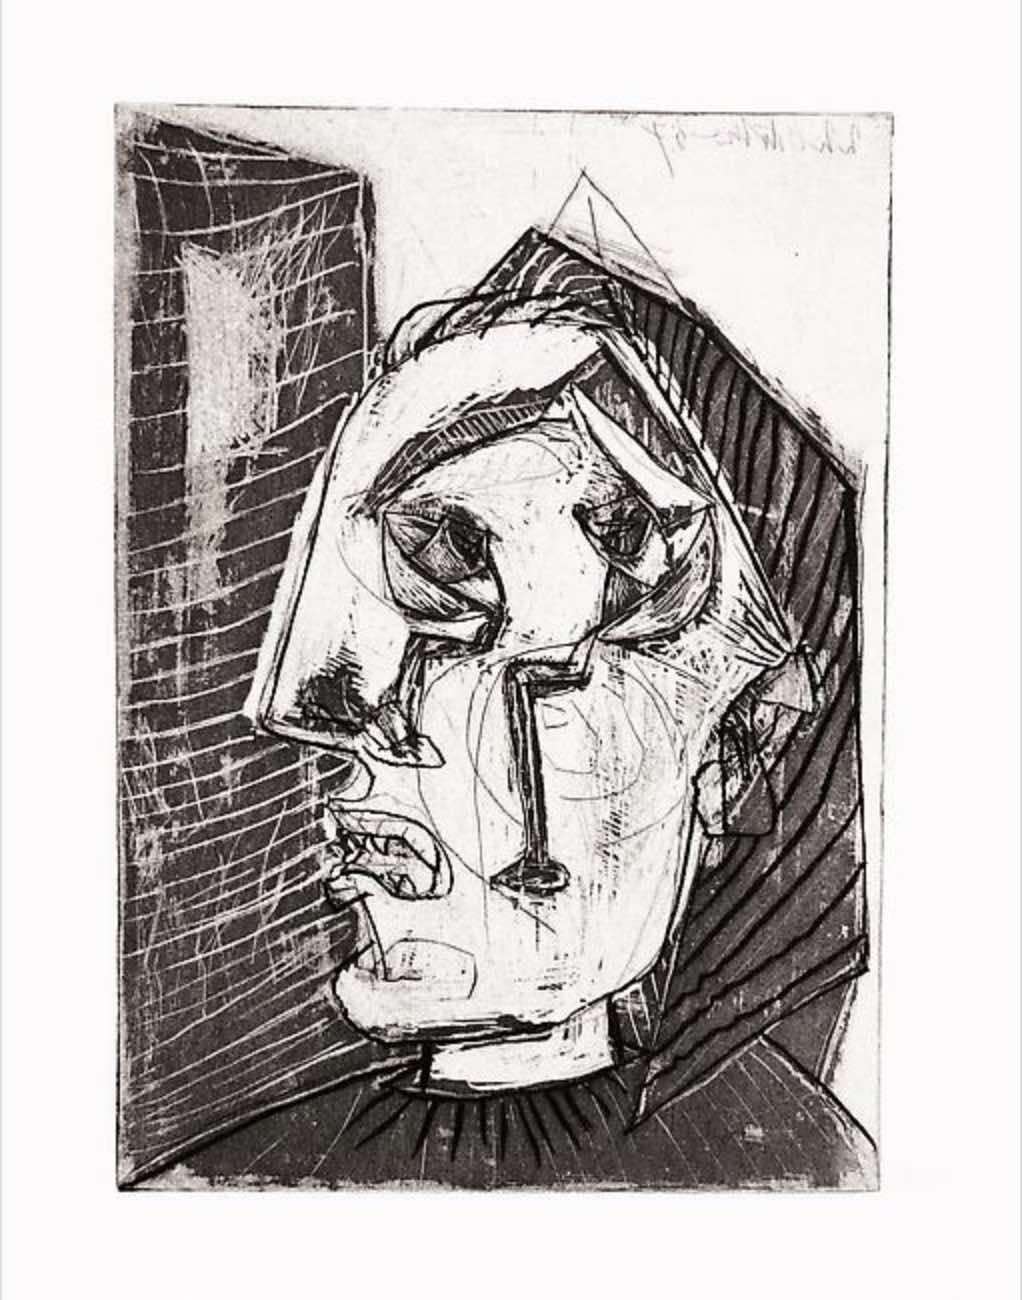 Femme qui Pleure devant un Mur by Picasso